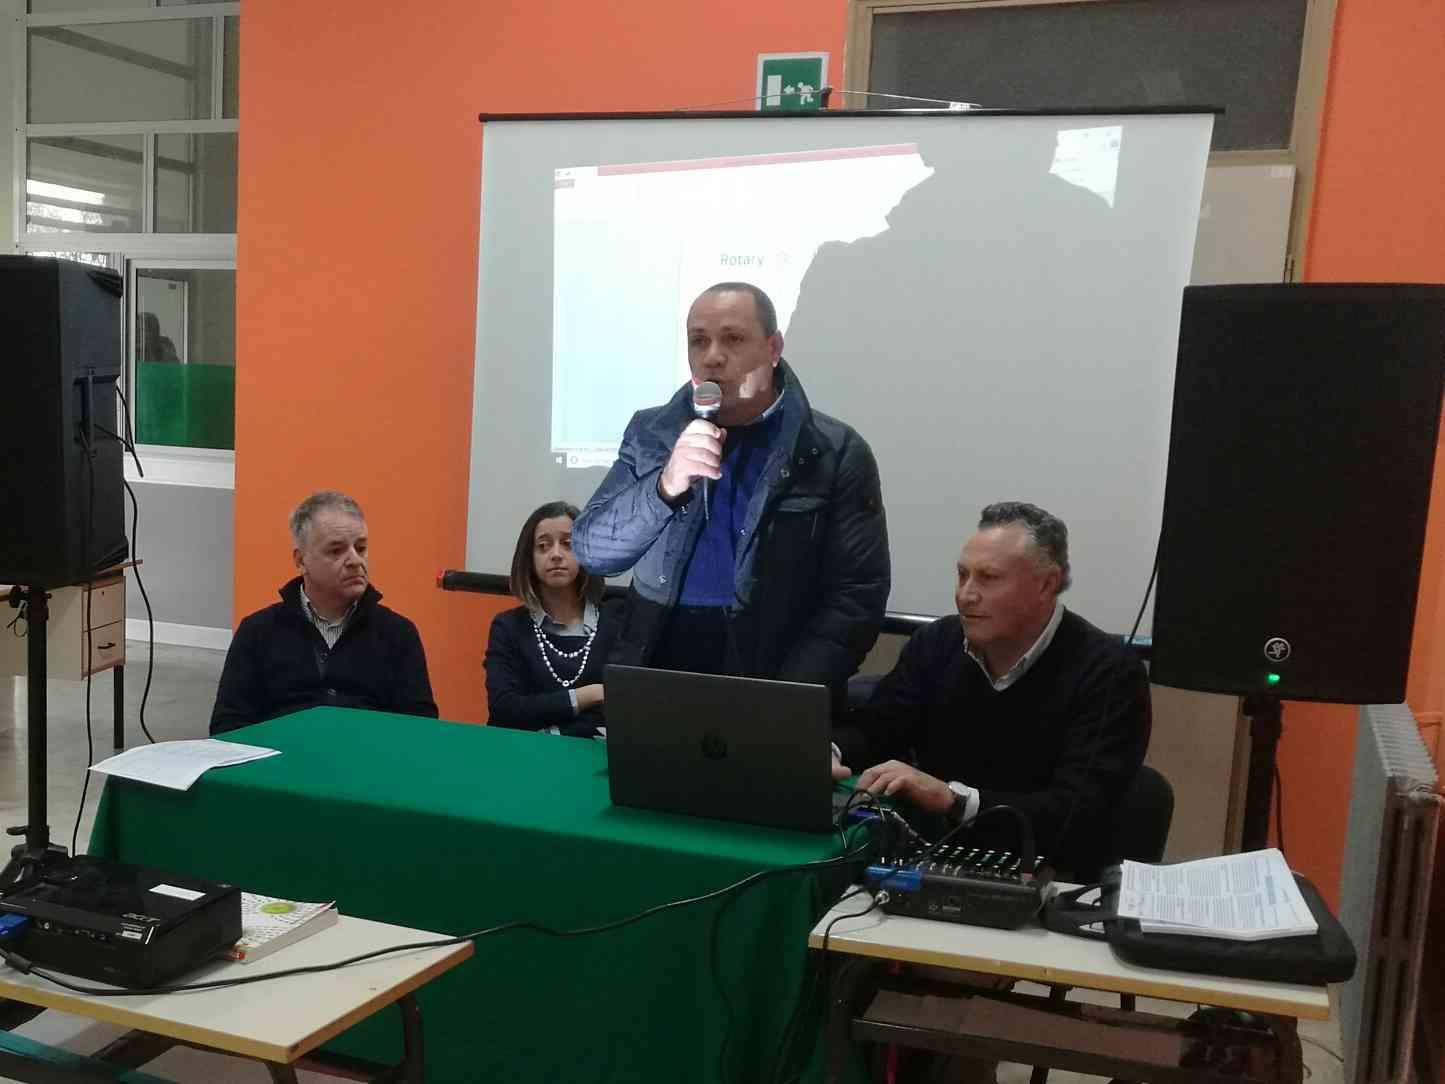 """Immagine articolo: Menfi, presentato il progetto """"Good News Agency"""" al Liceo Scientifico """"E. Fermi"""""""